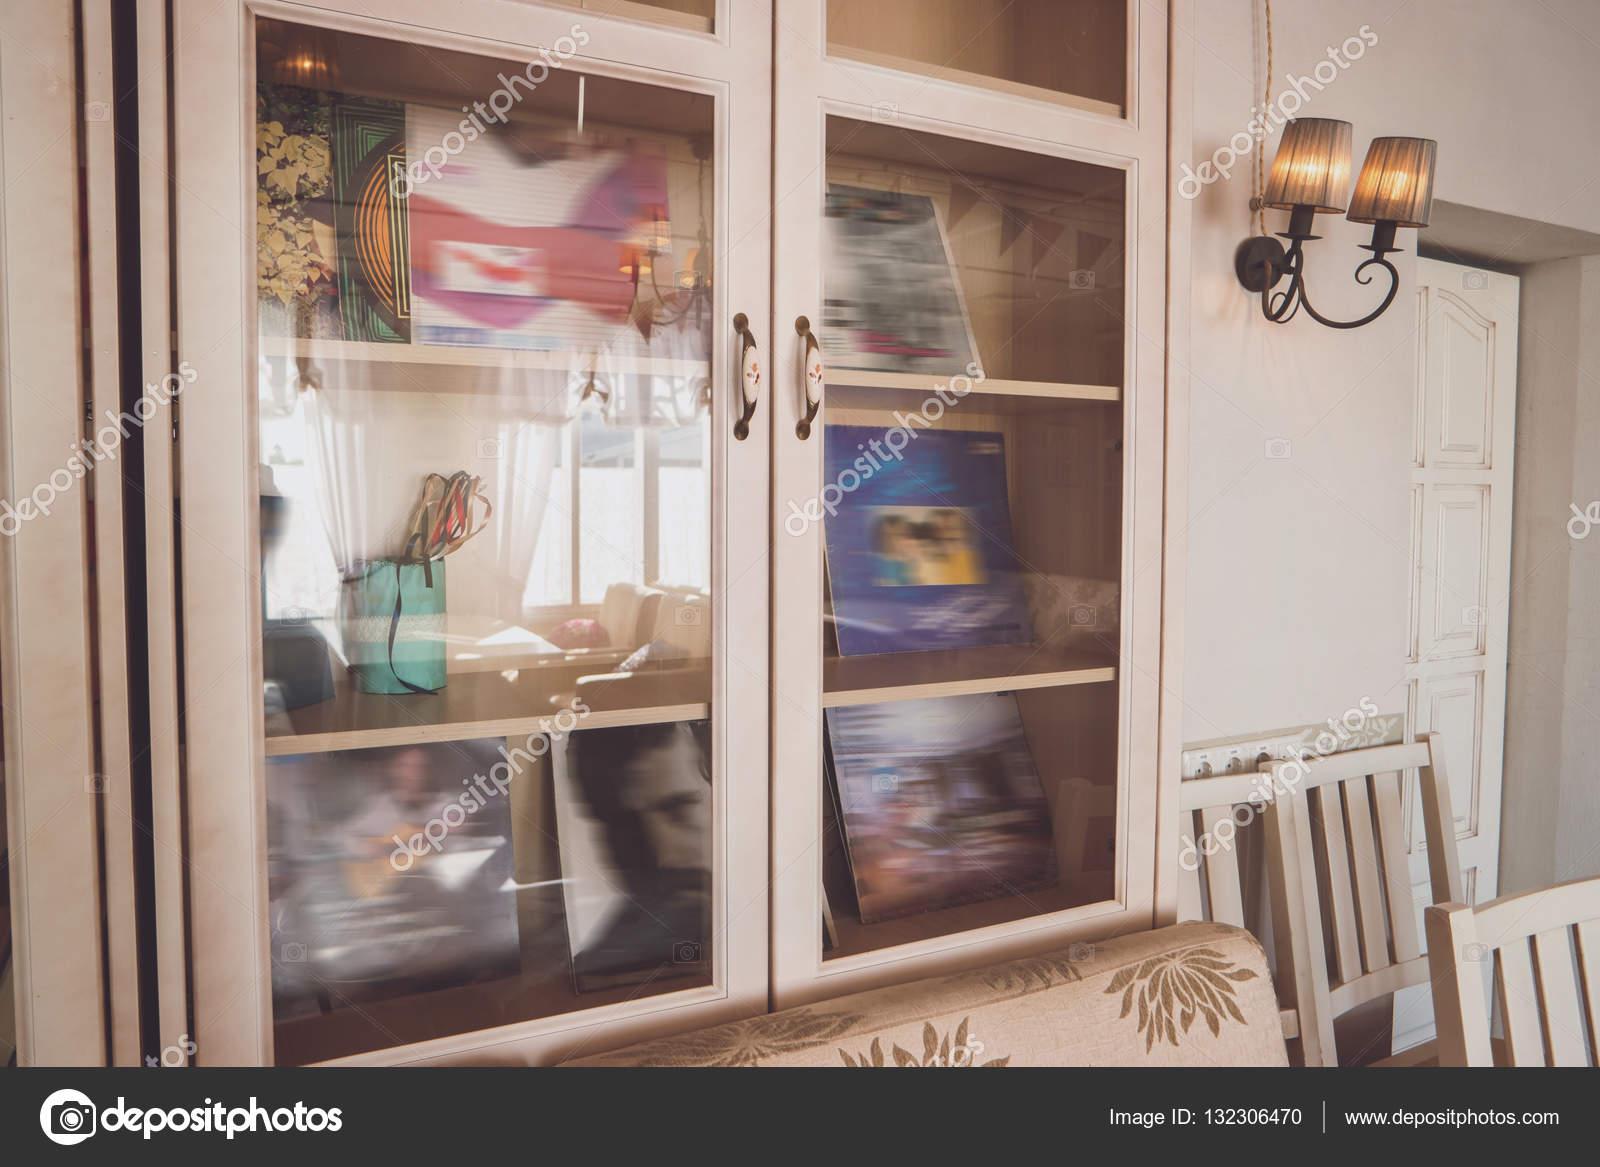 Kast Voor Glazen : Kast met glazen deuren u2014 stockfoto © denisfilm #132306470